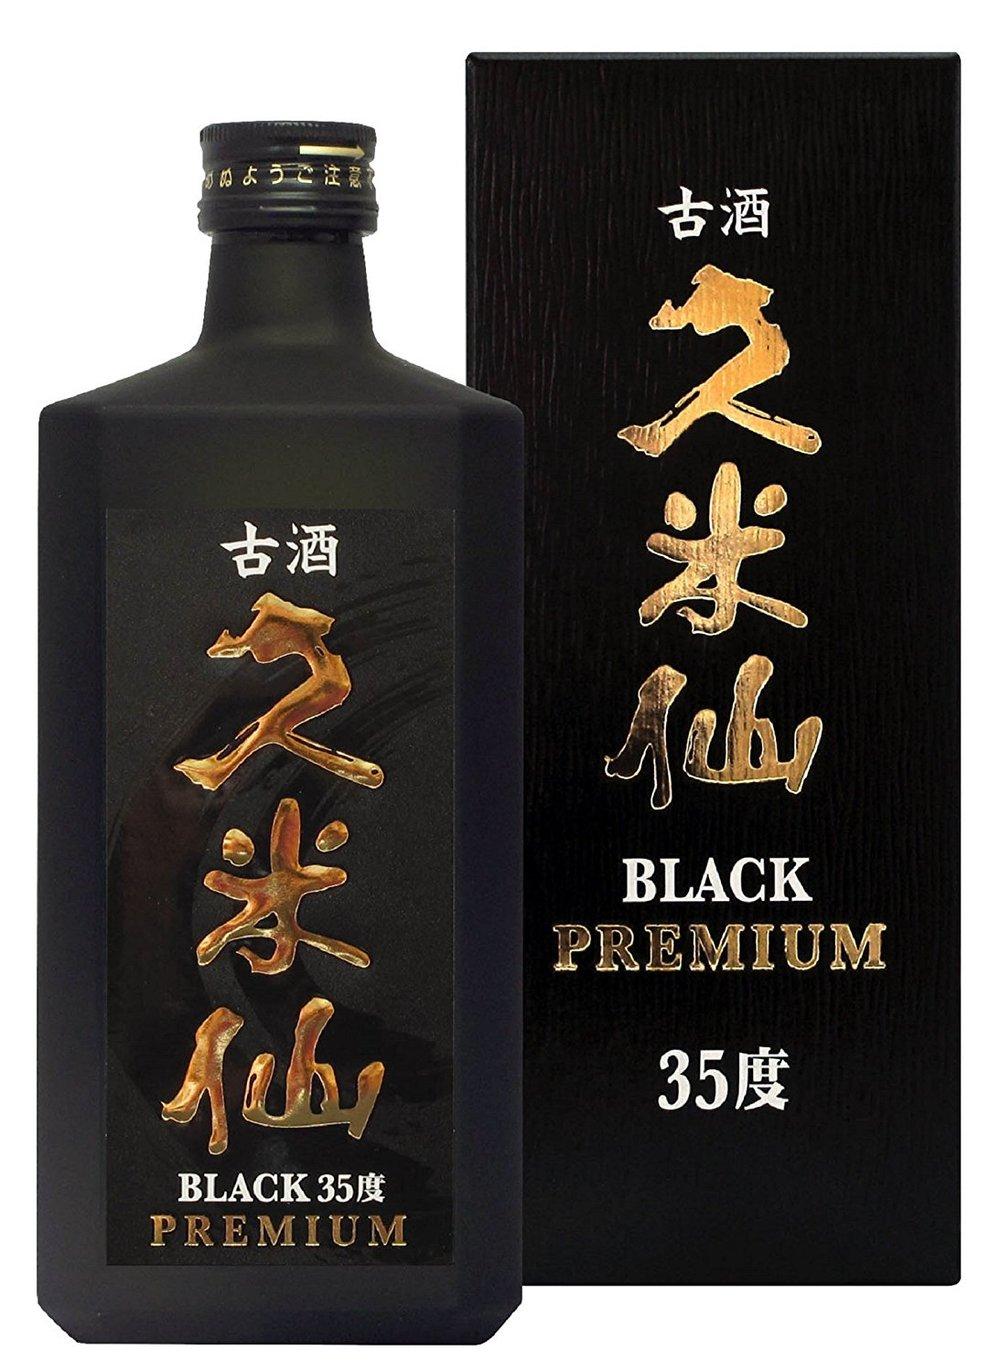 古酒 久米仙 - Kusu Kumeisen Black